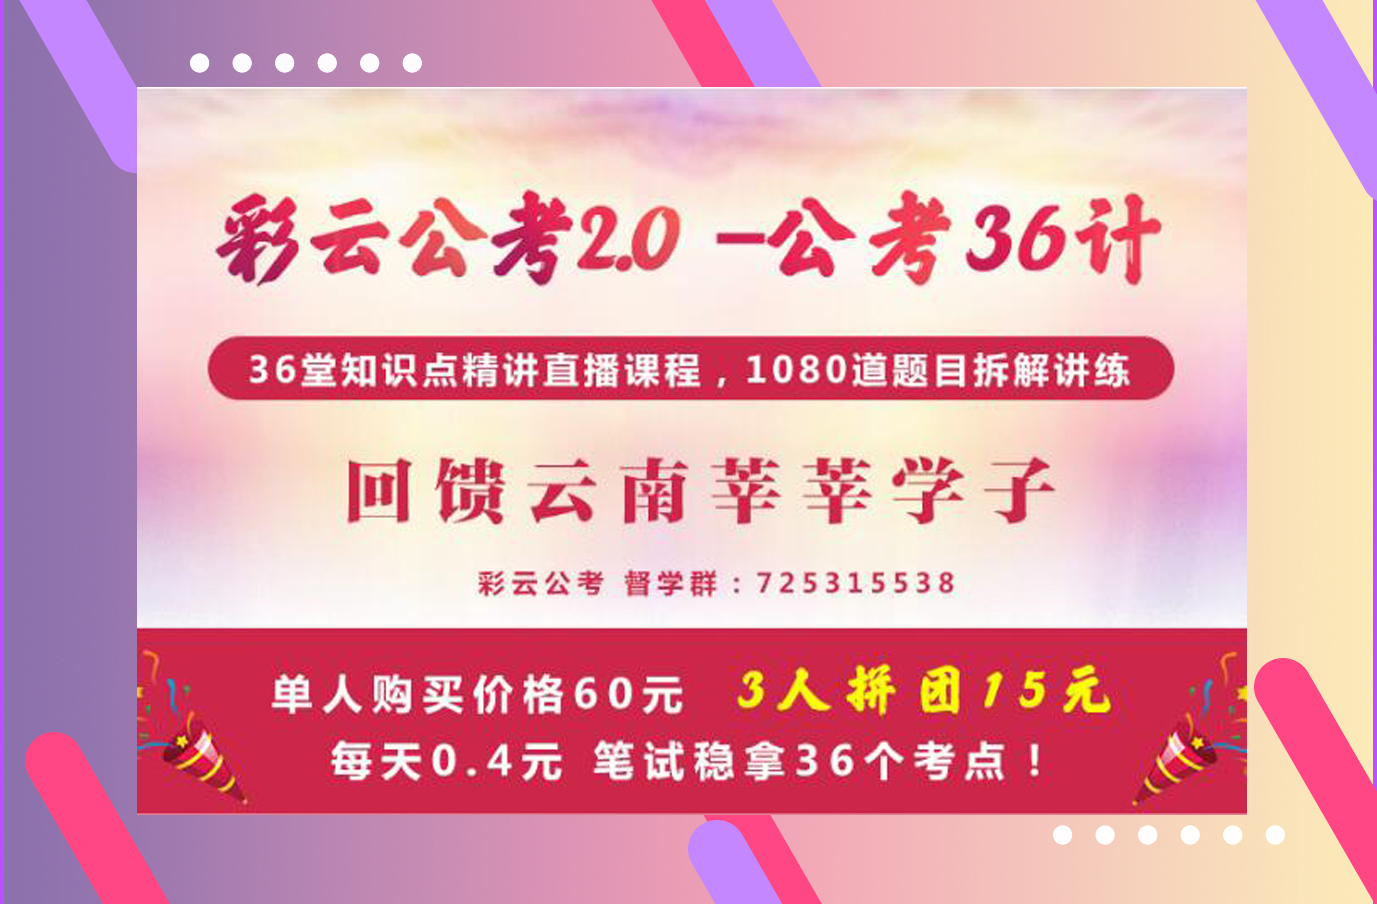 新公社2019省考密卷